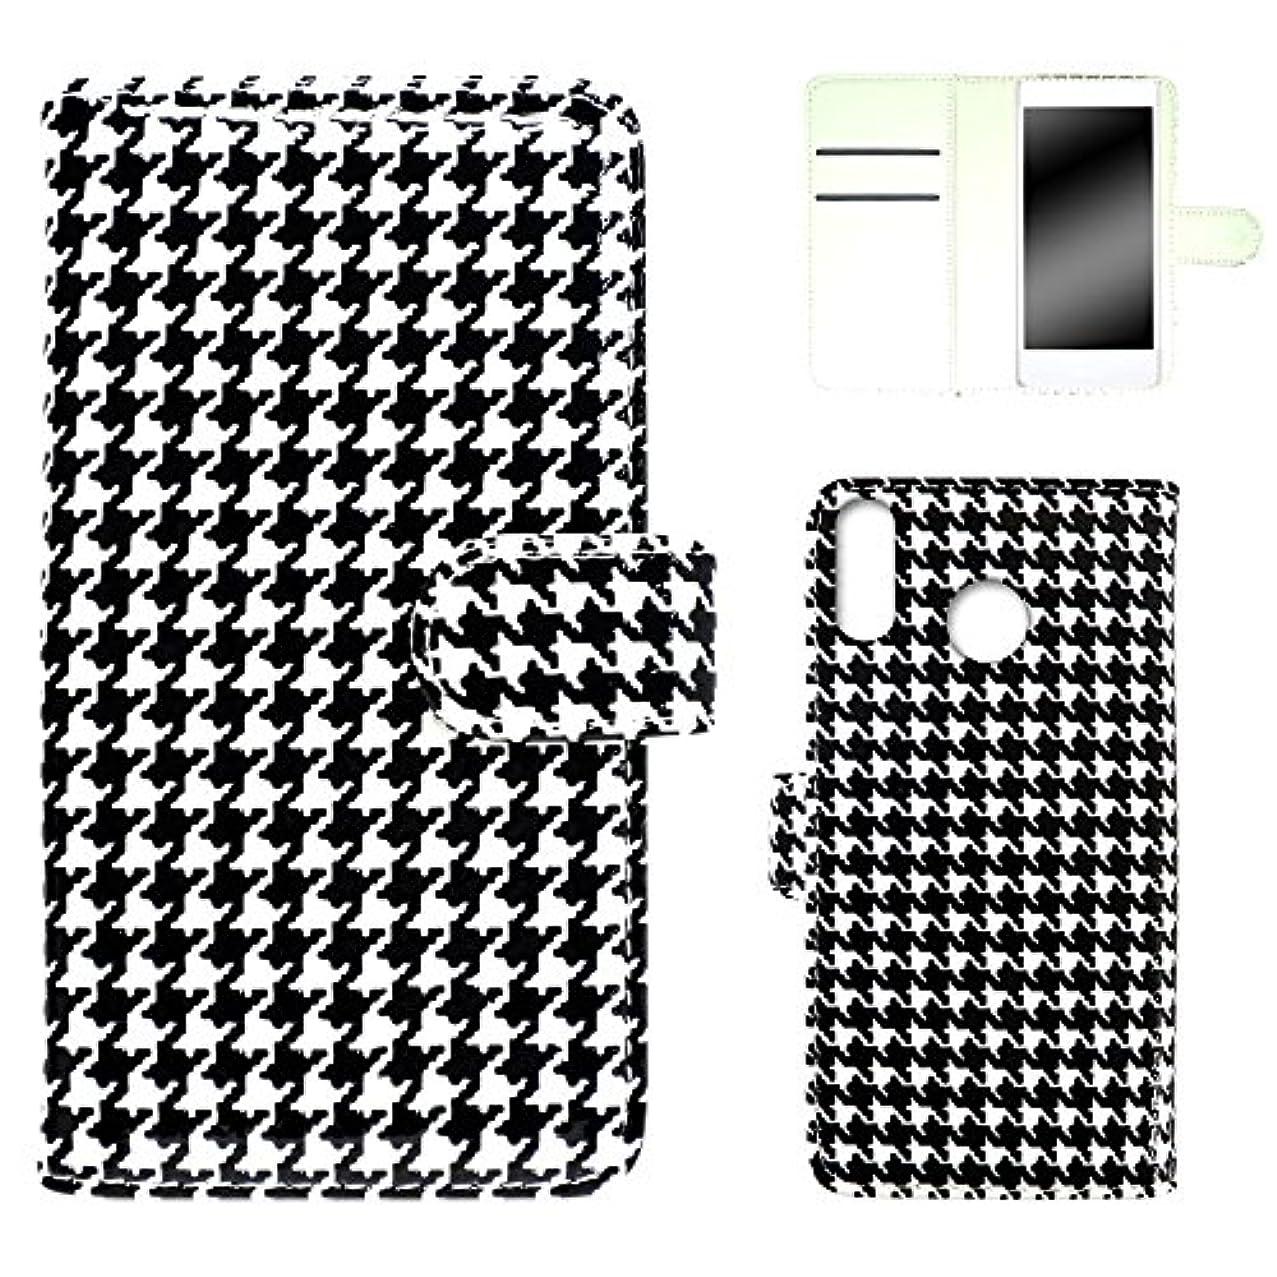 娯楽ふくろう立法WHITENUTS ZenFone 5Z ZS620KL ケース 手帳型 エナメル千鳥 ブラックホワイト TC-D0448473/L